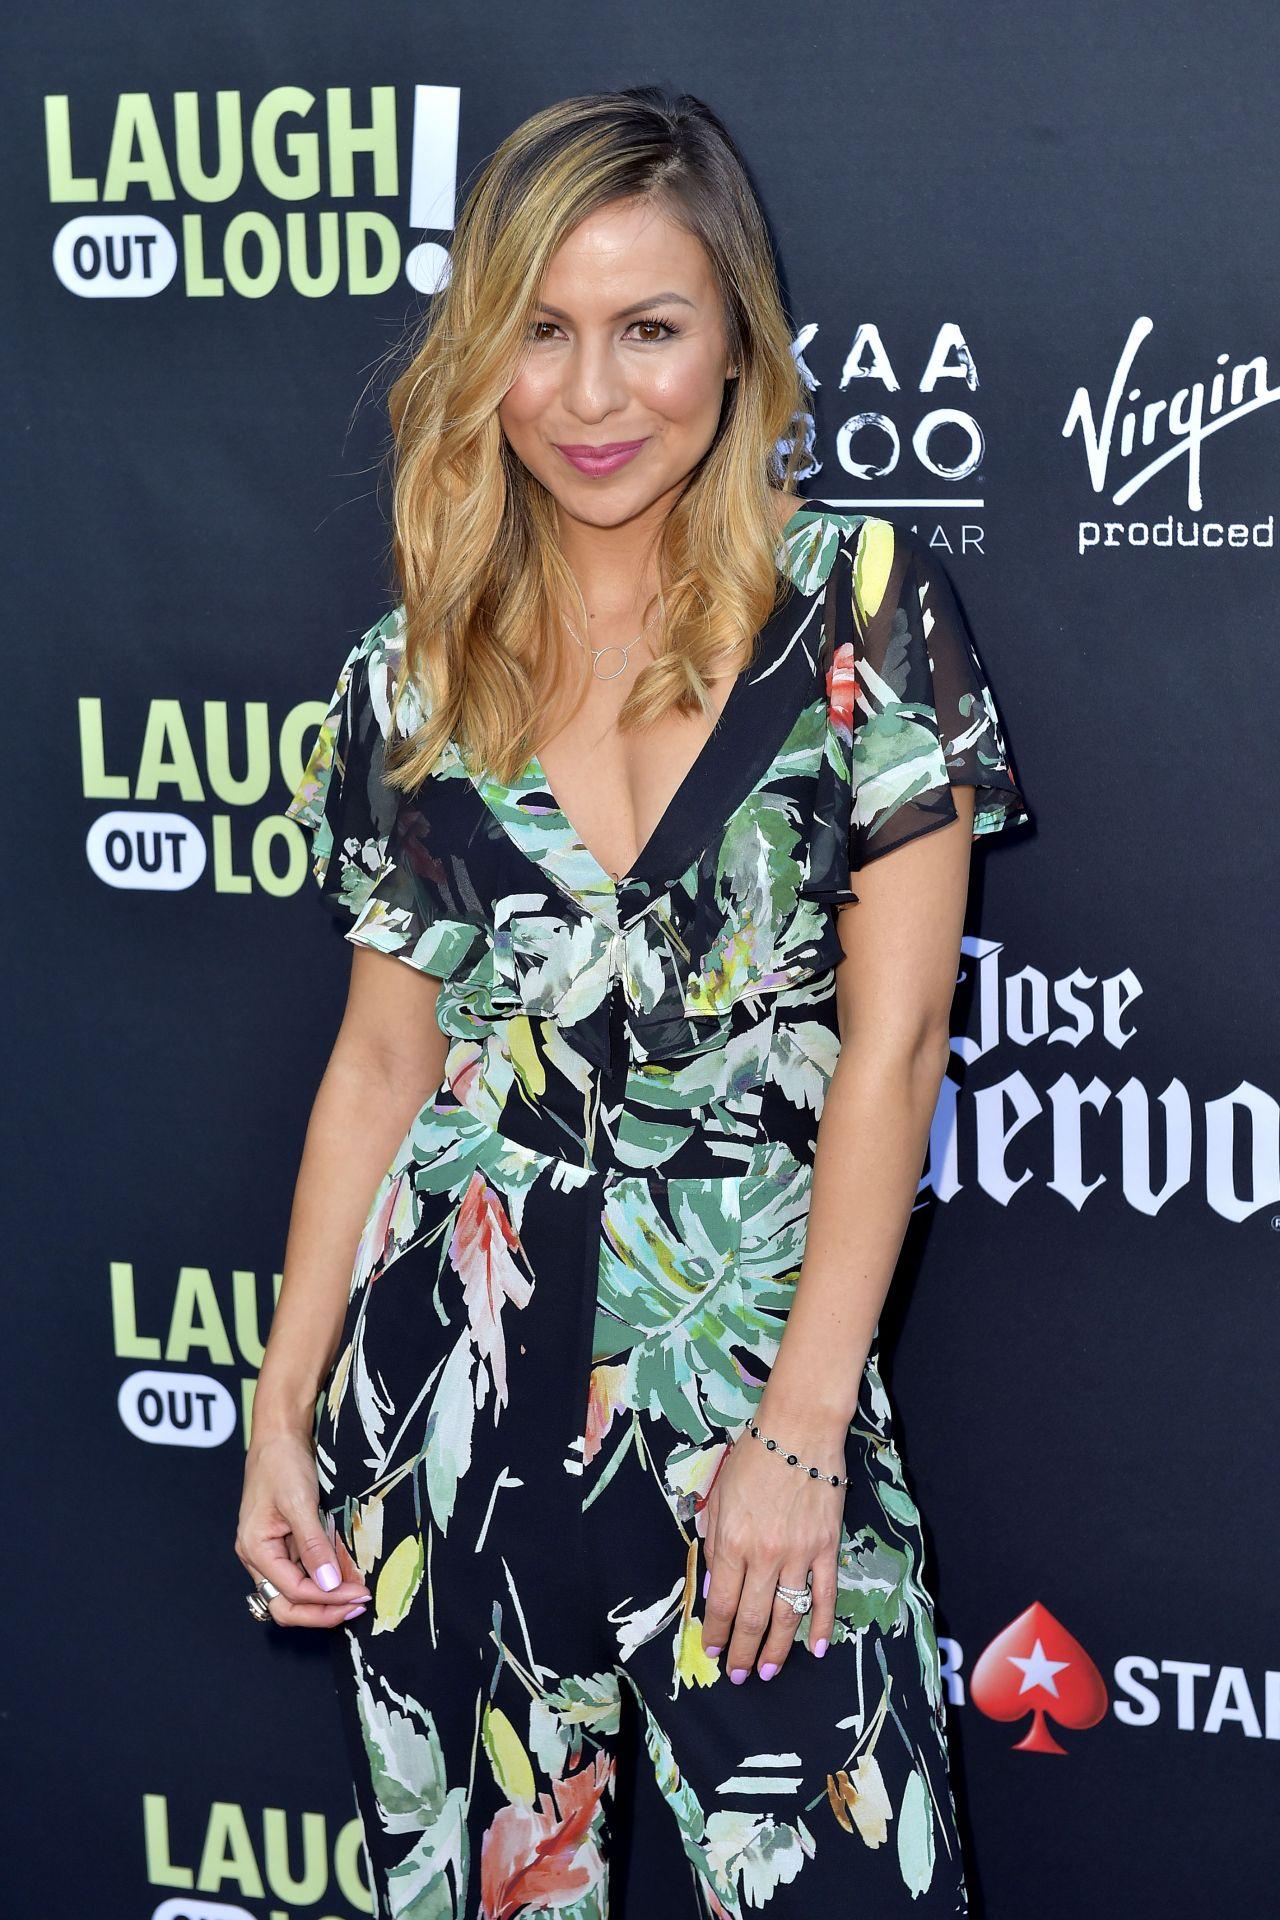 Anjelah Johnson – Lionsgate Laugh Out Loud Network Party ...